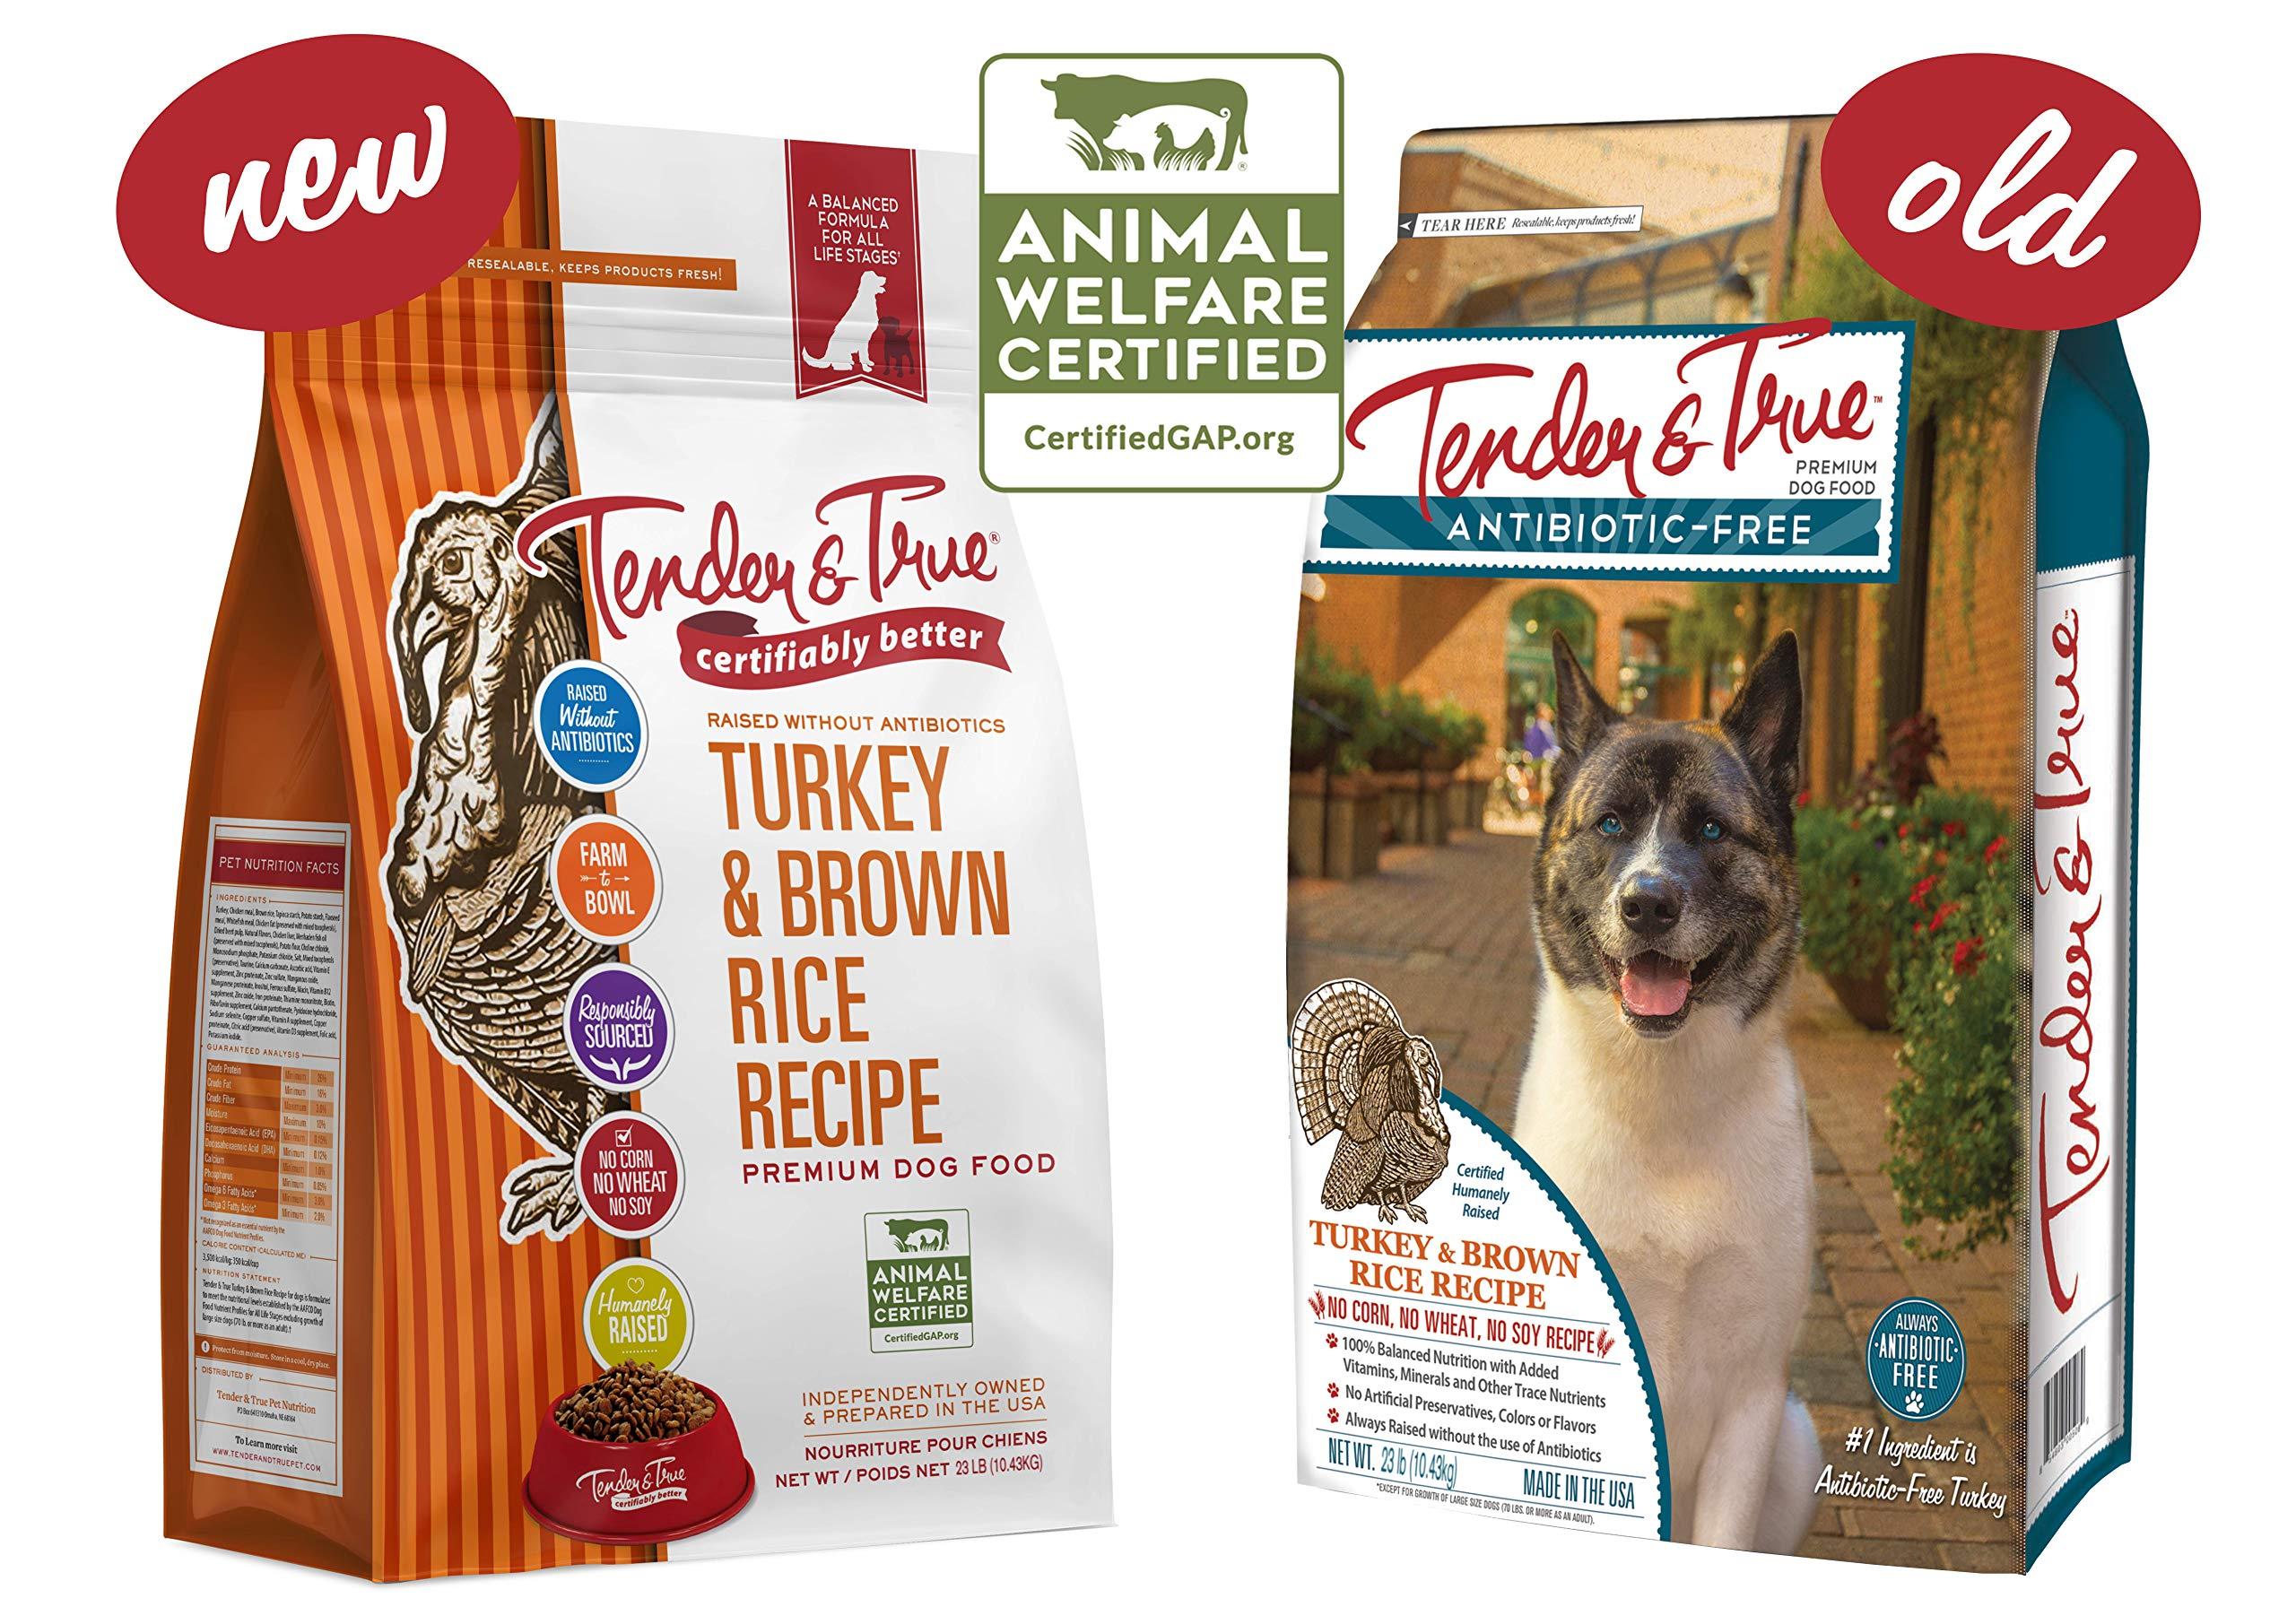 Tender & True Antibiotic-Free Turkey & Brown Rice Recipe Dog Food, 23lb by Tender & True Pet Nutrition